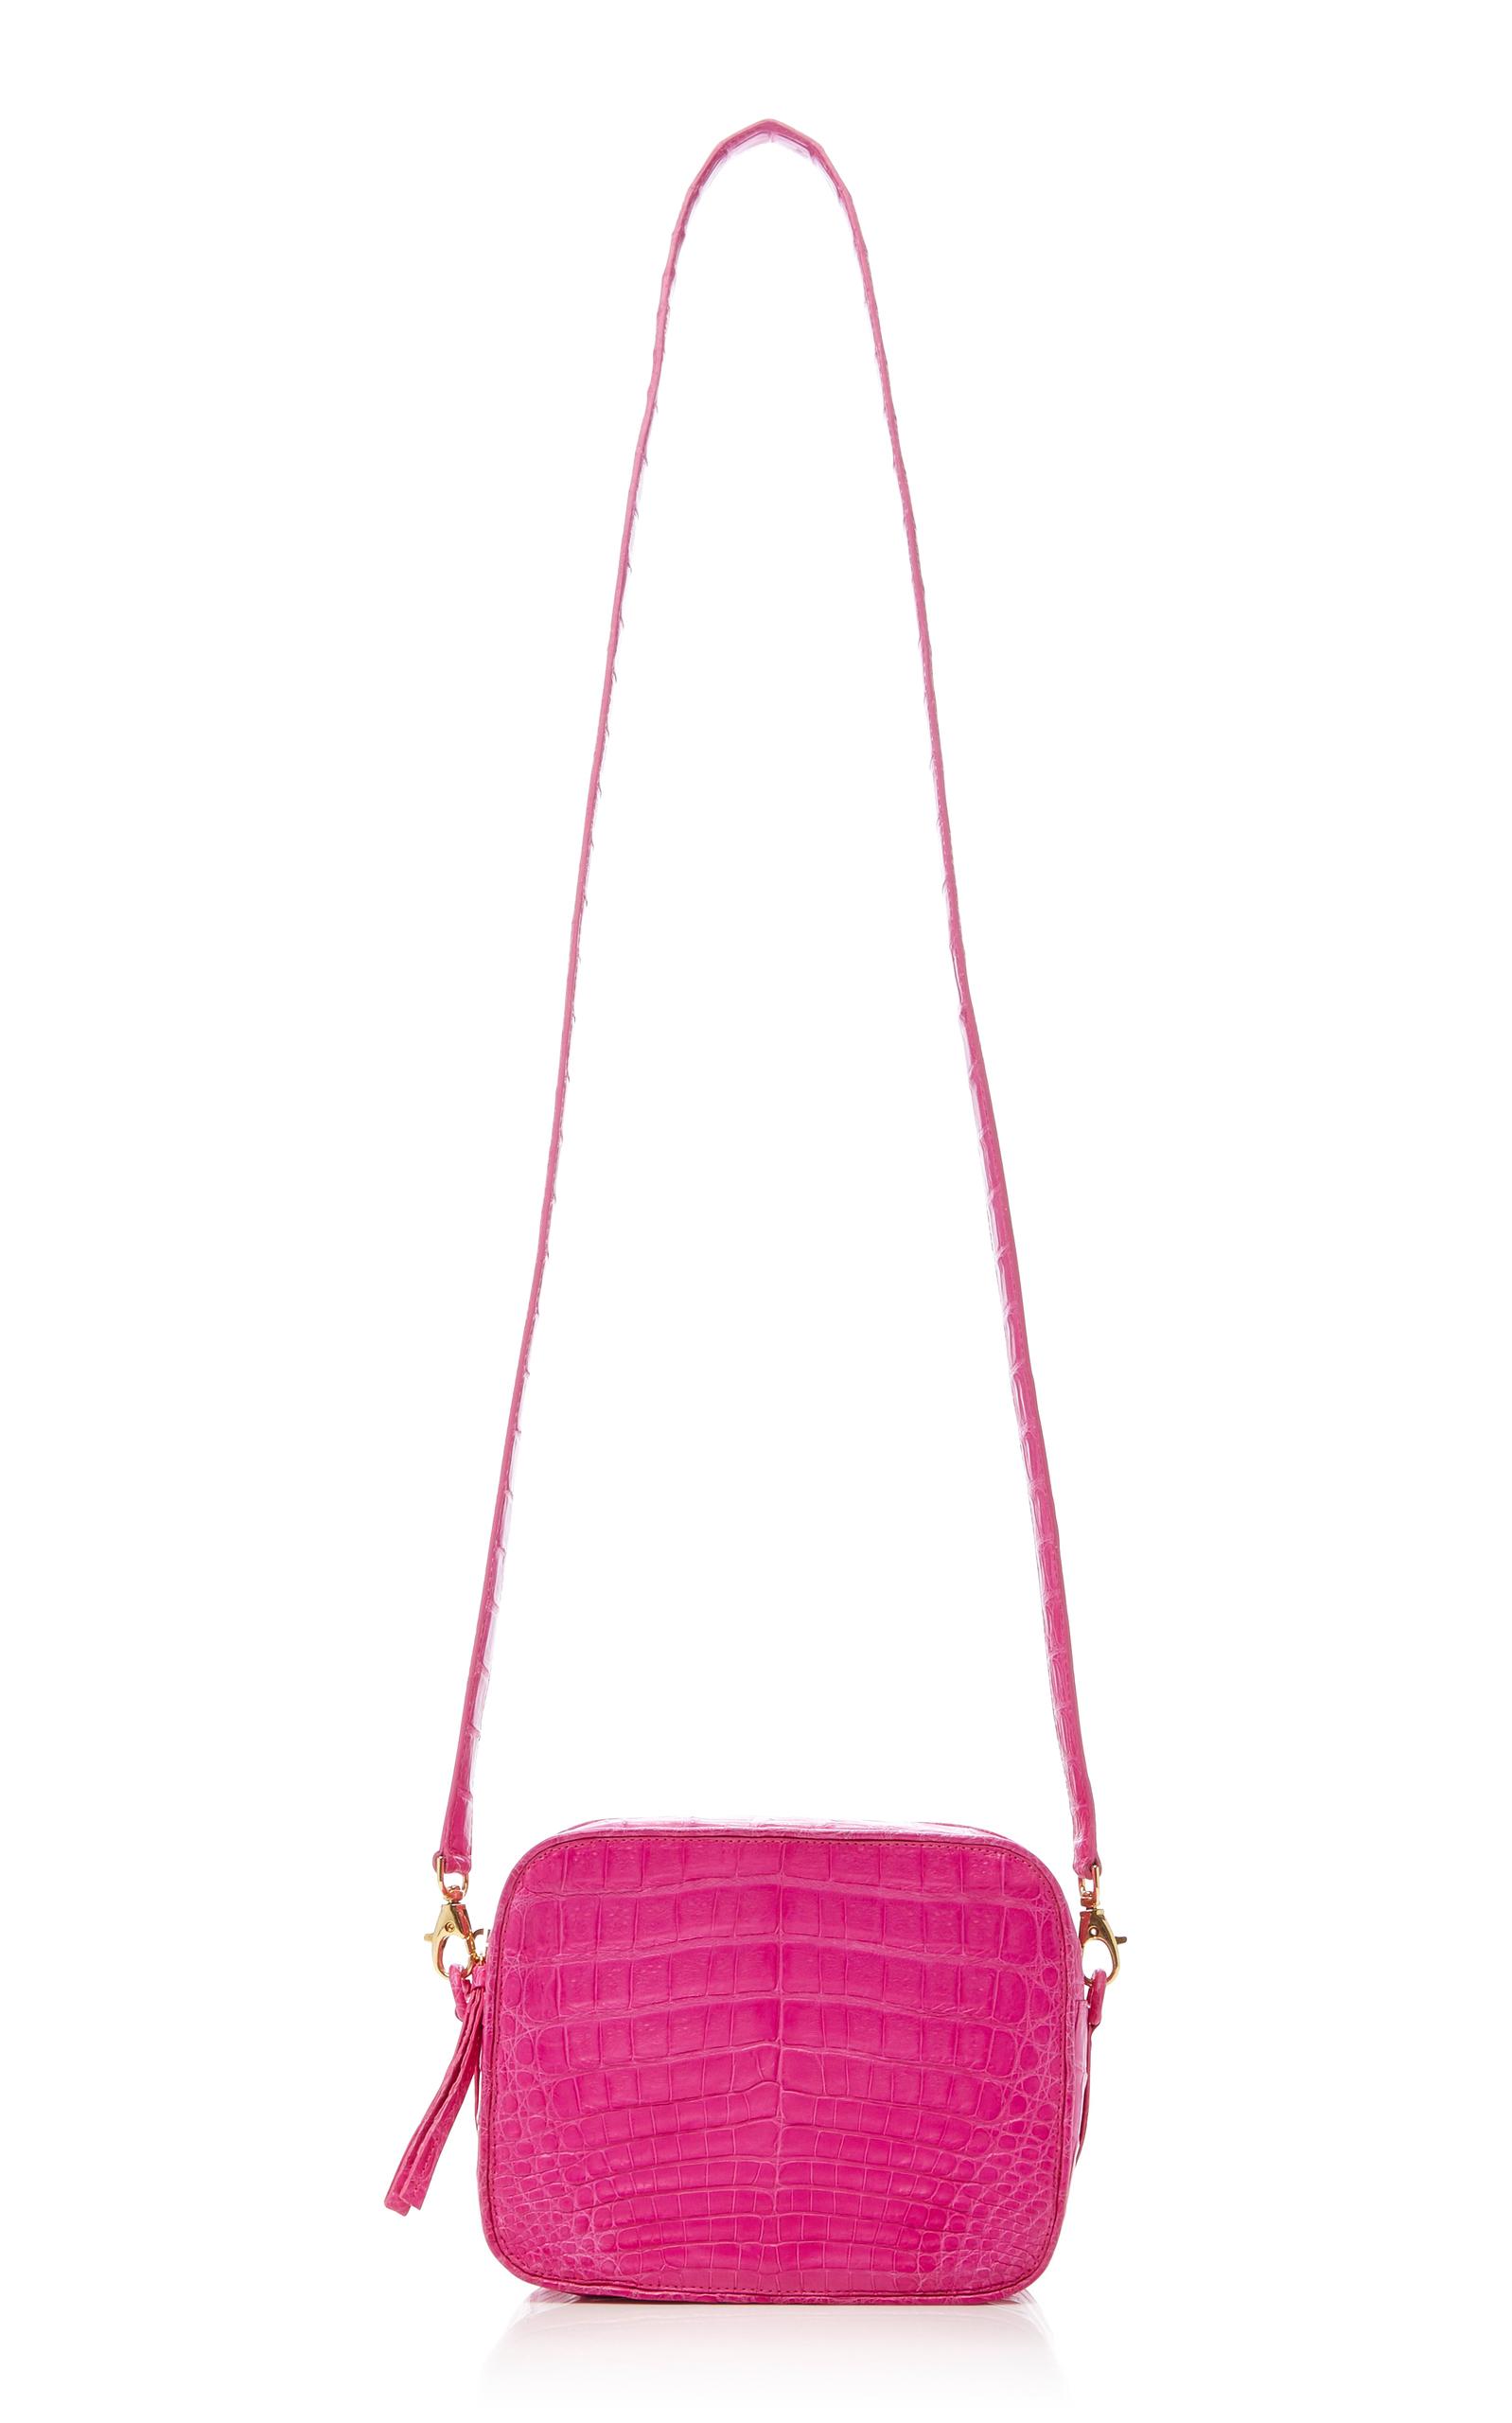 Floral Strap Camera Bag By Nancy Gonzalez | Moda Operandi